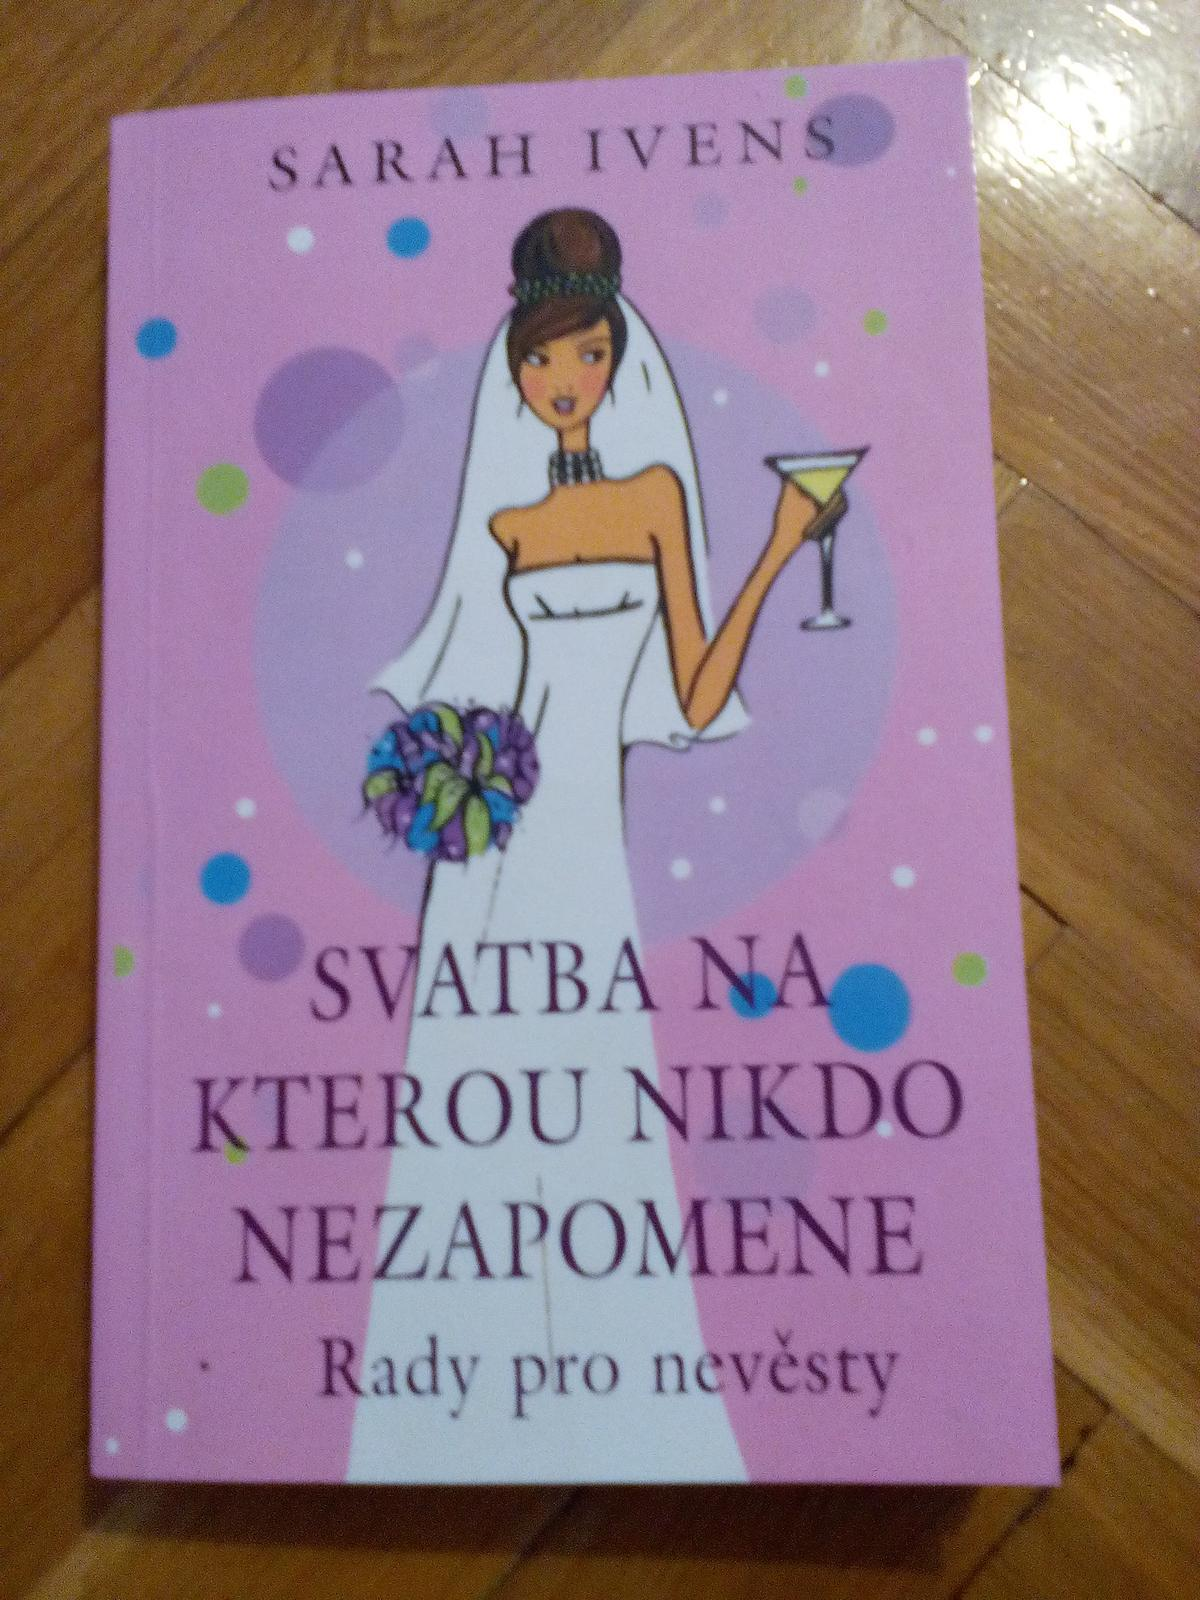 Svatba na kterou nikdo nezapomene - Obrázok č. 1